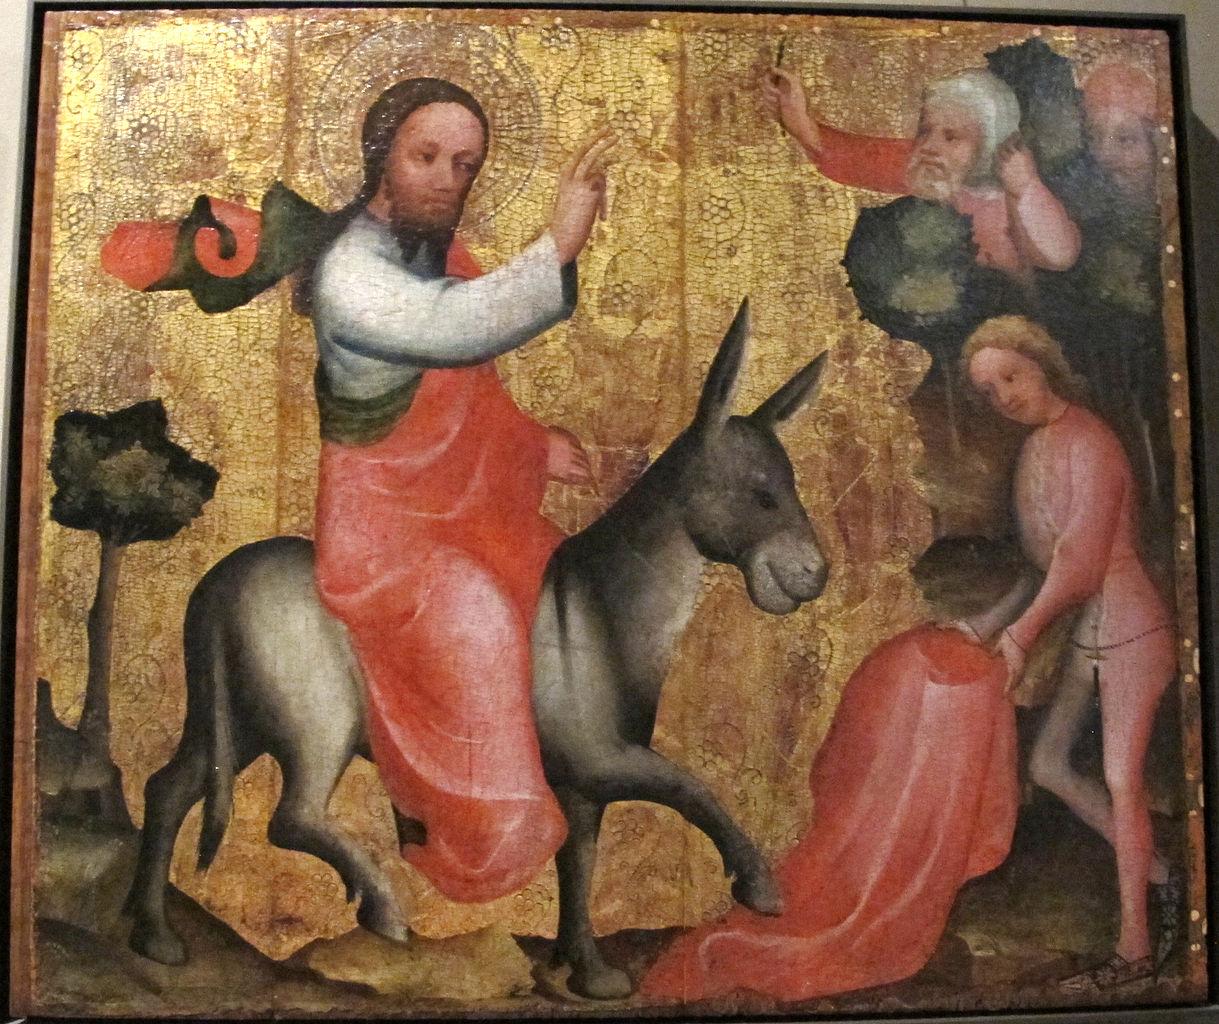 マイスター・ベルトラム「エルサレム入城」、1380―90年、ニーダーザクセン州立博物館所蔵